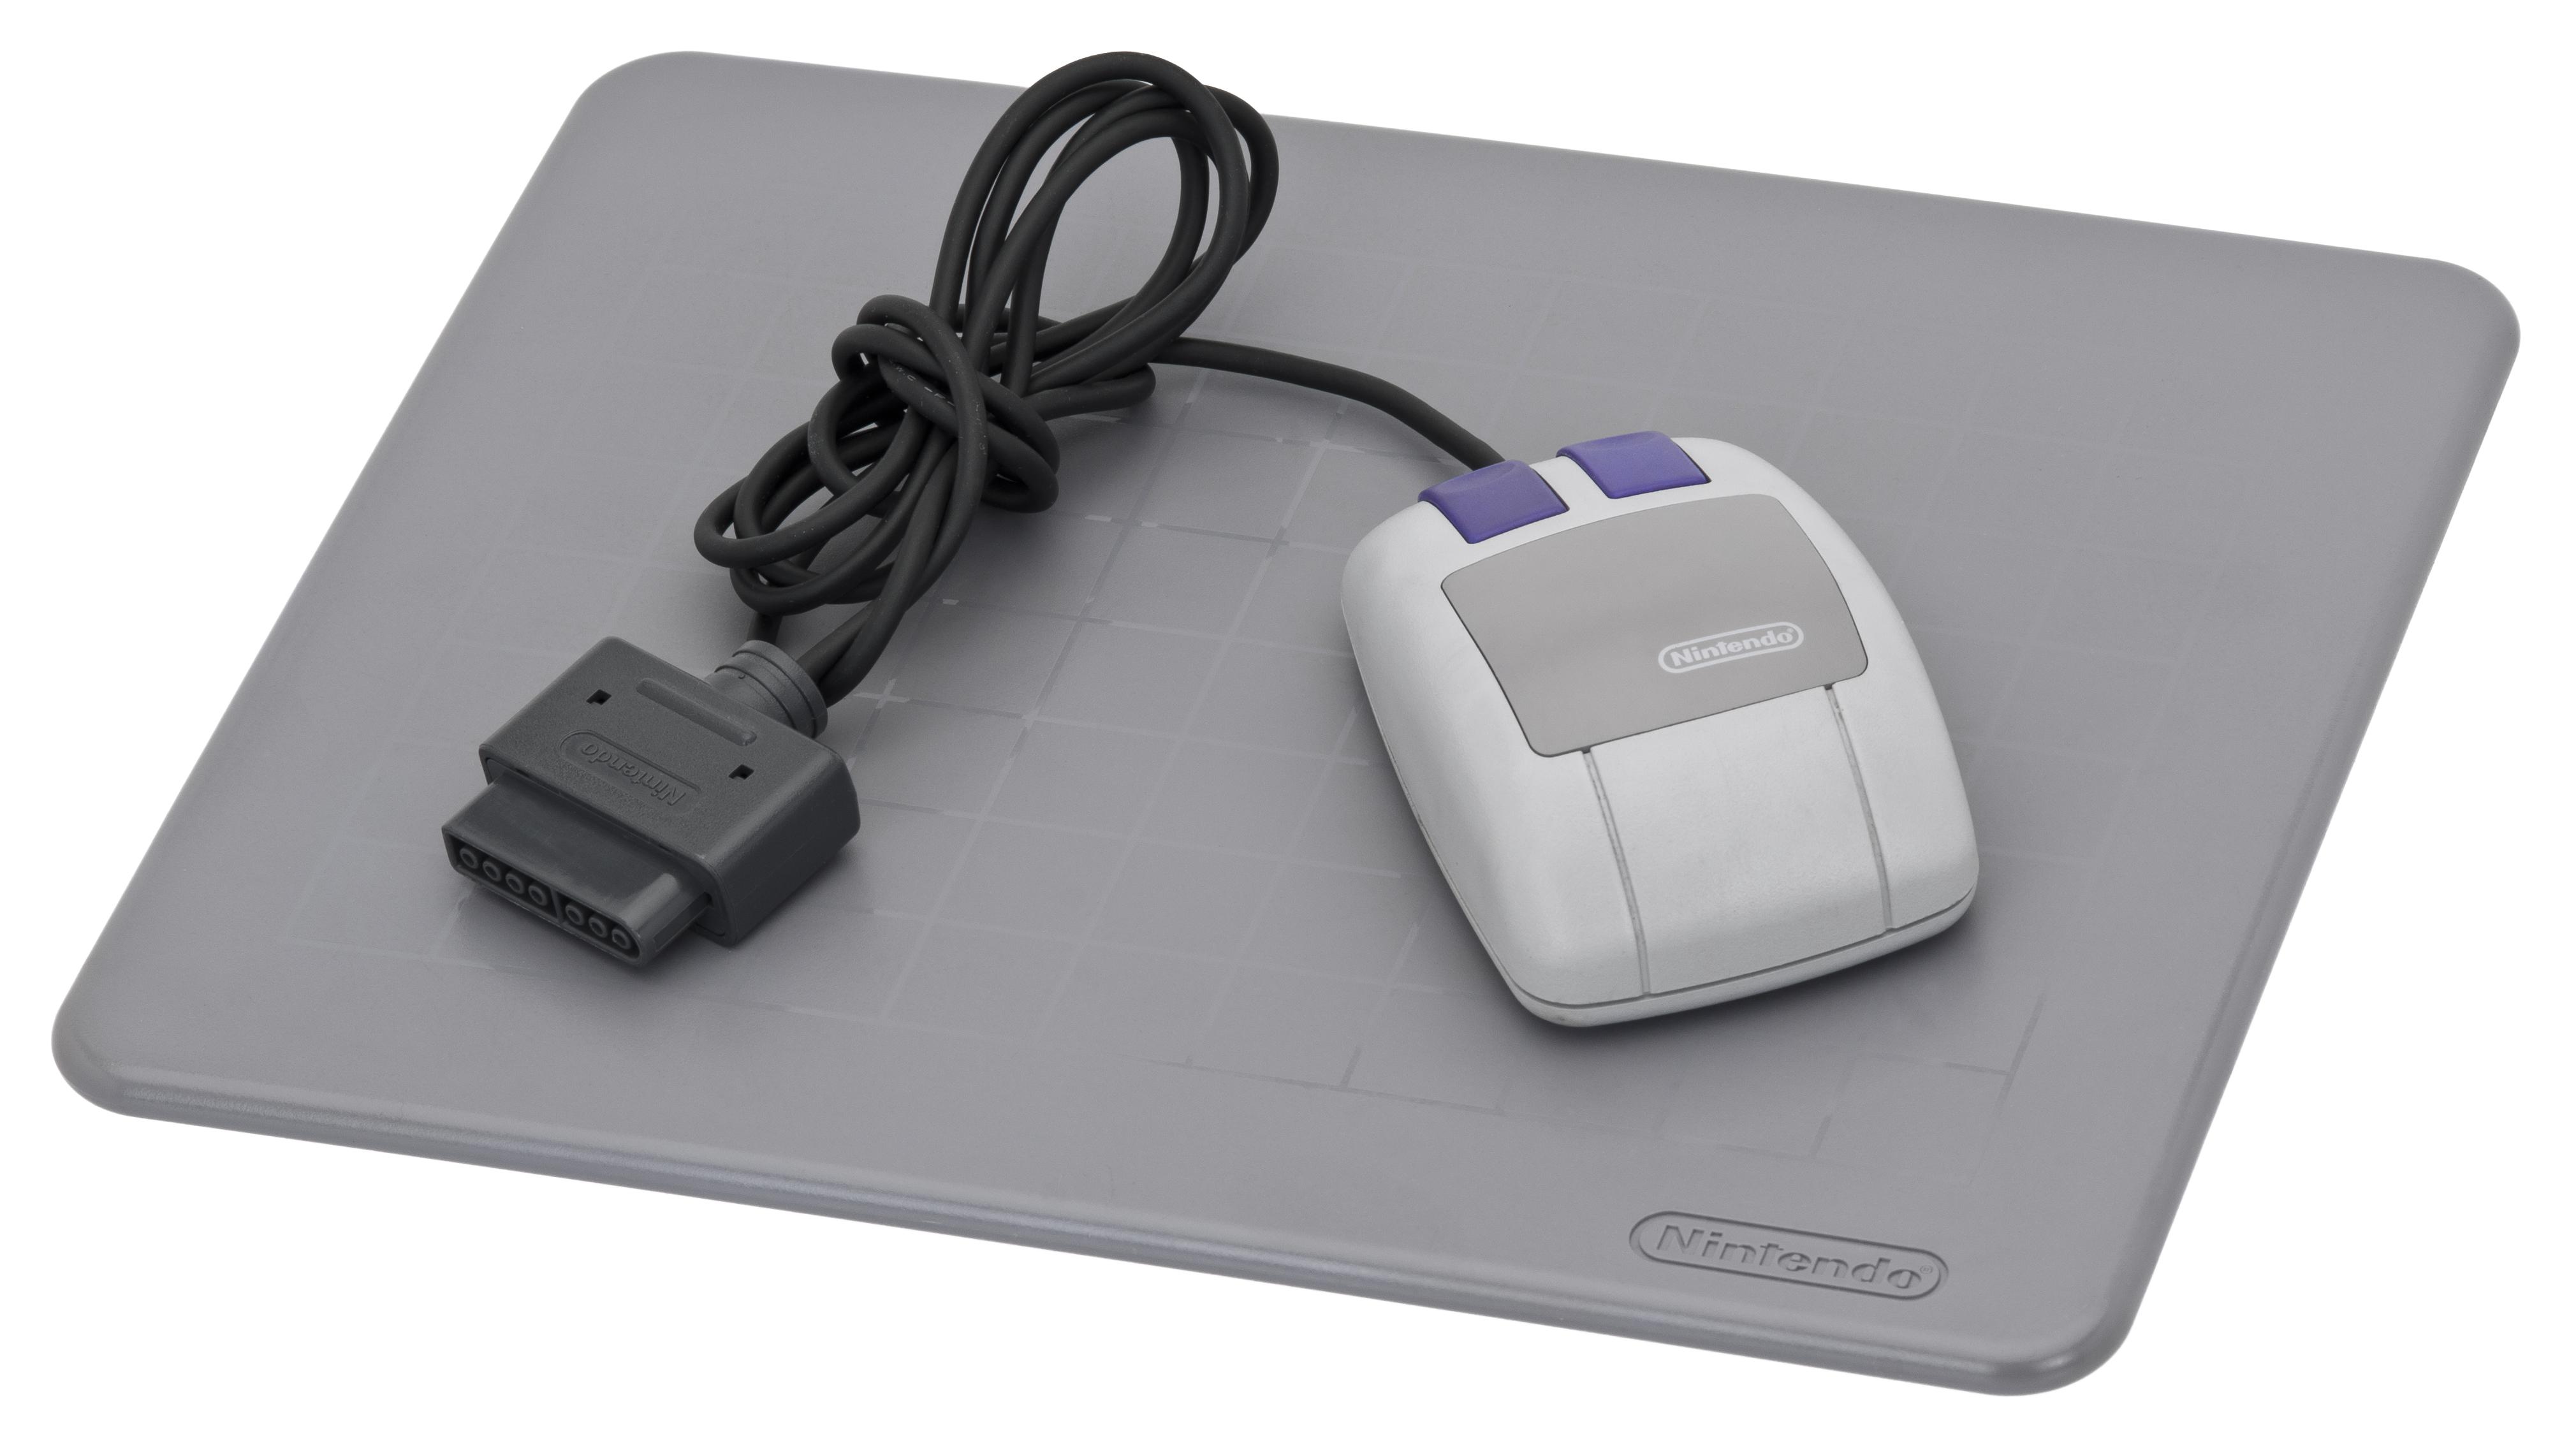 5b9effb2fa671 Super NES Mouse - Wikipedia